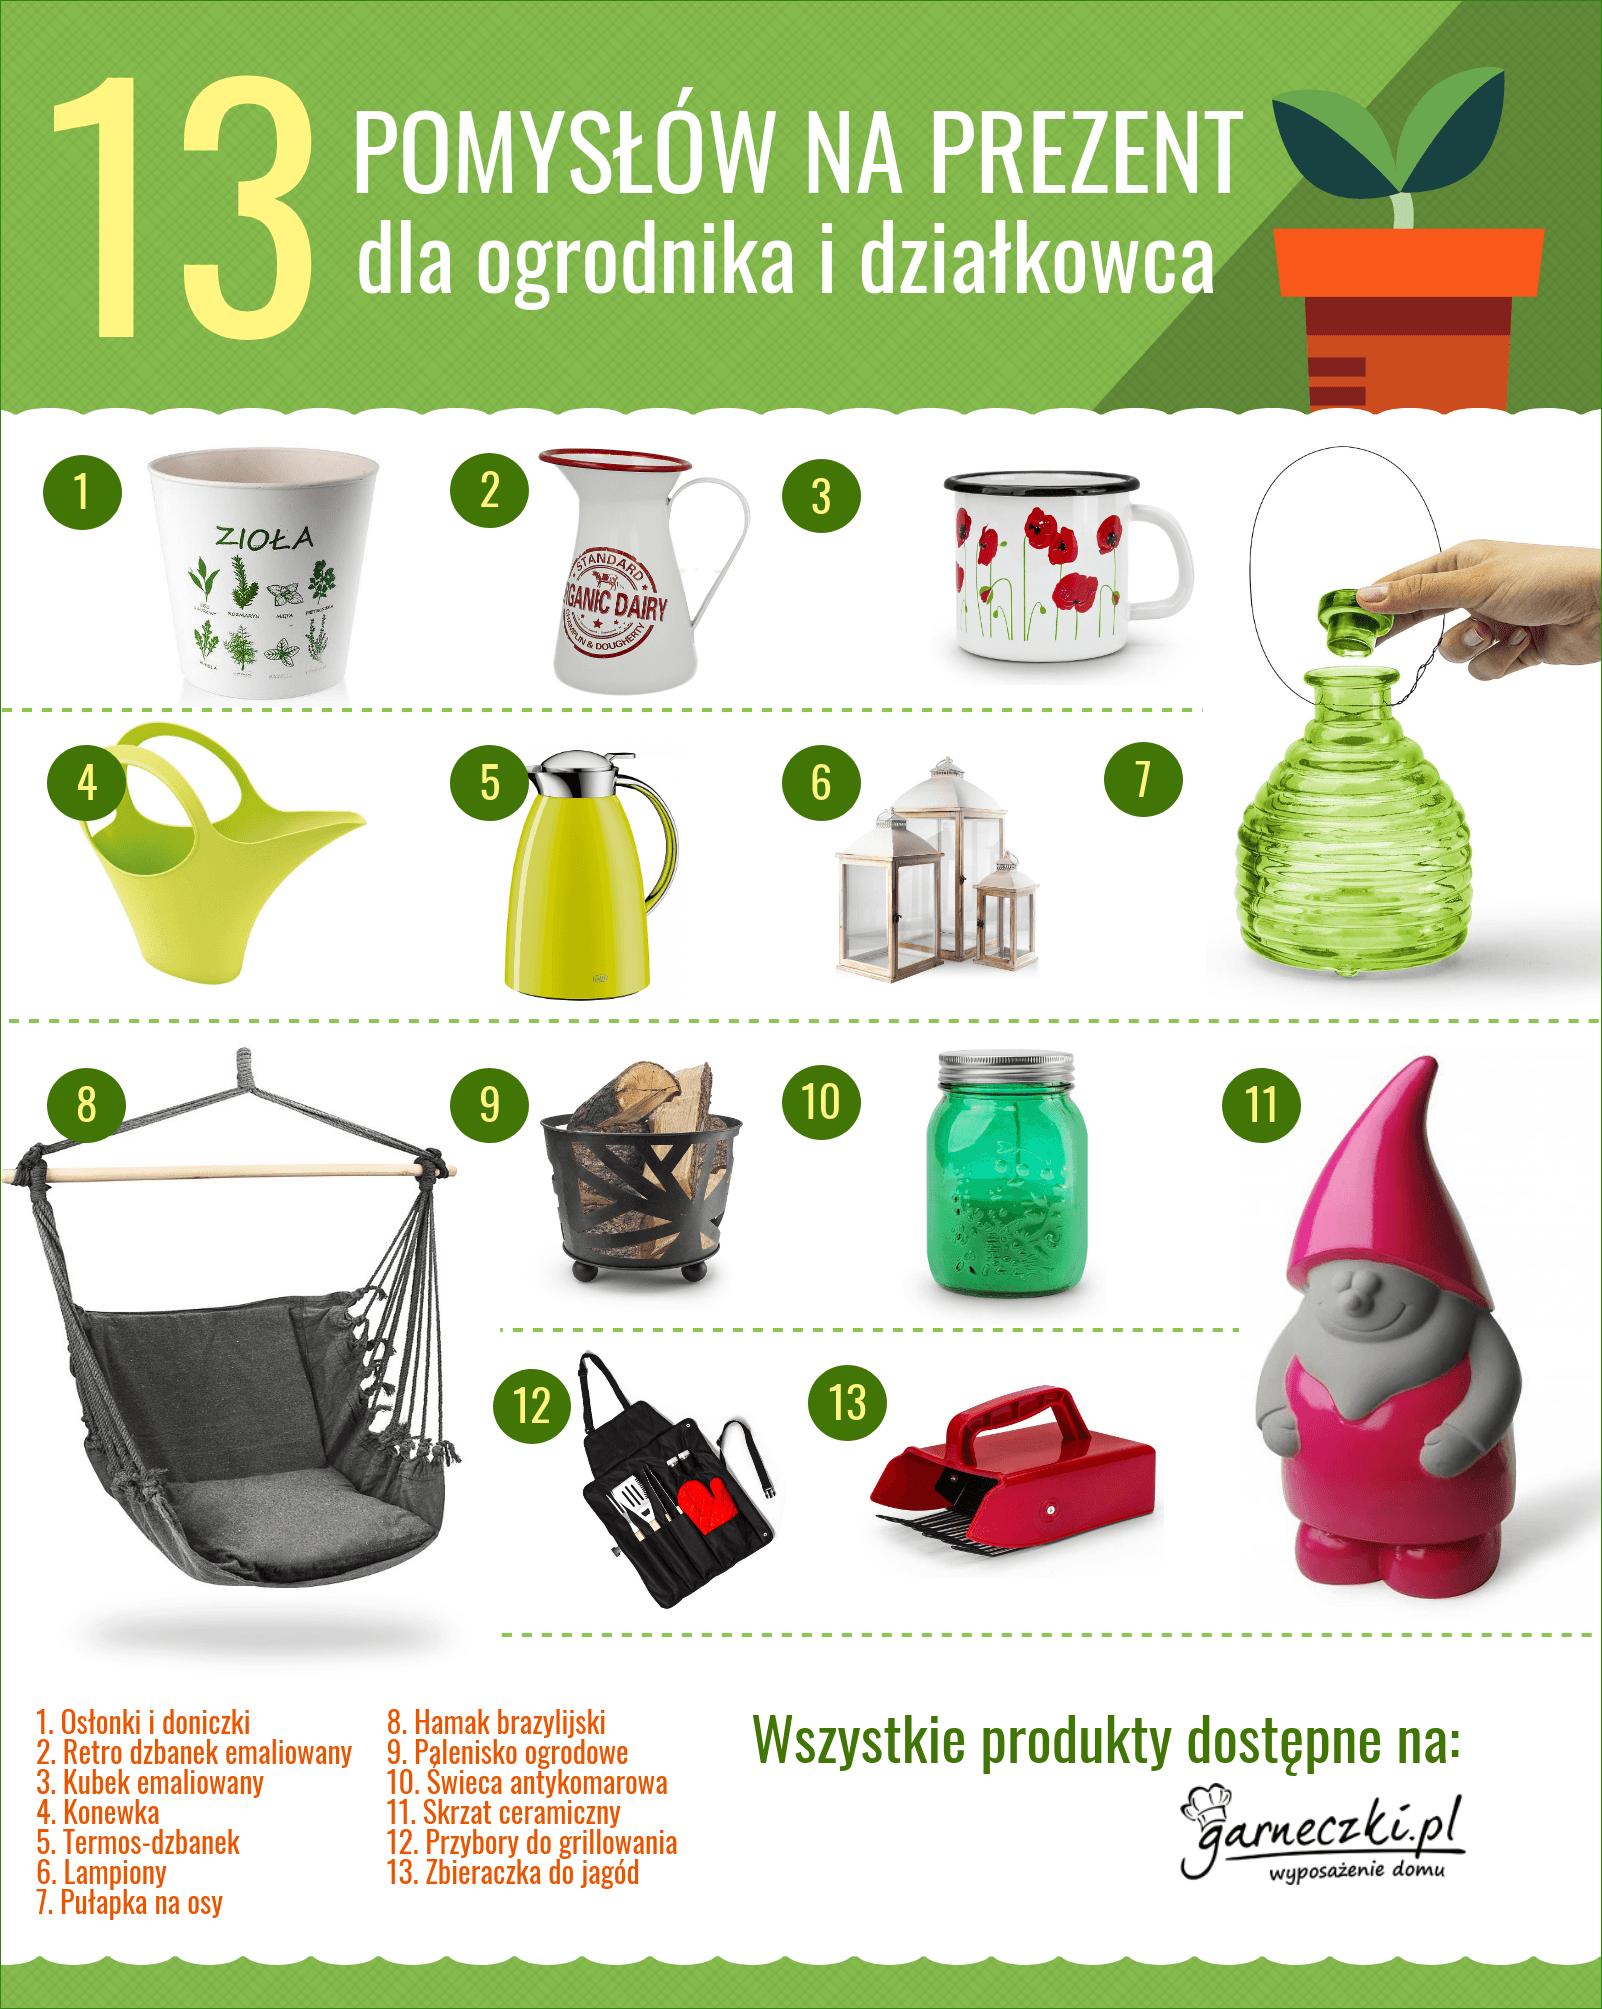 Pomysły na prezent dla ogrodnika i działkowca - infografika